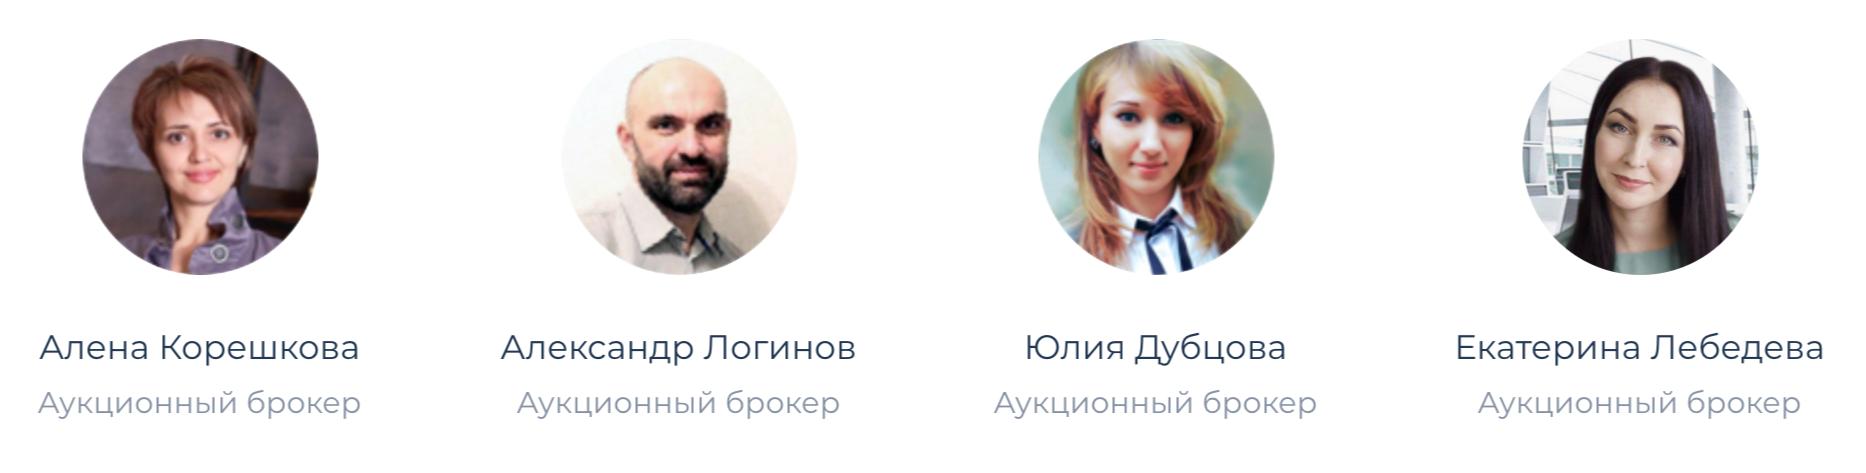 На площадках я нашел только Алену Корешкову, она указана на сайте «Юнитраста» как аукционный брокер